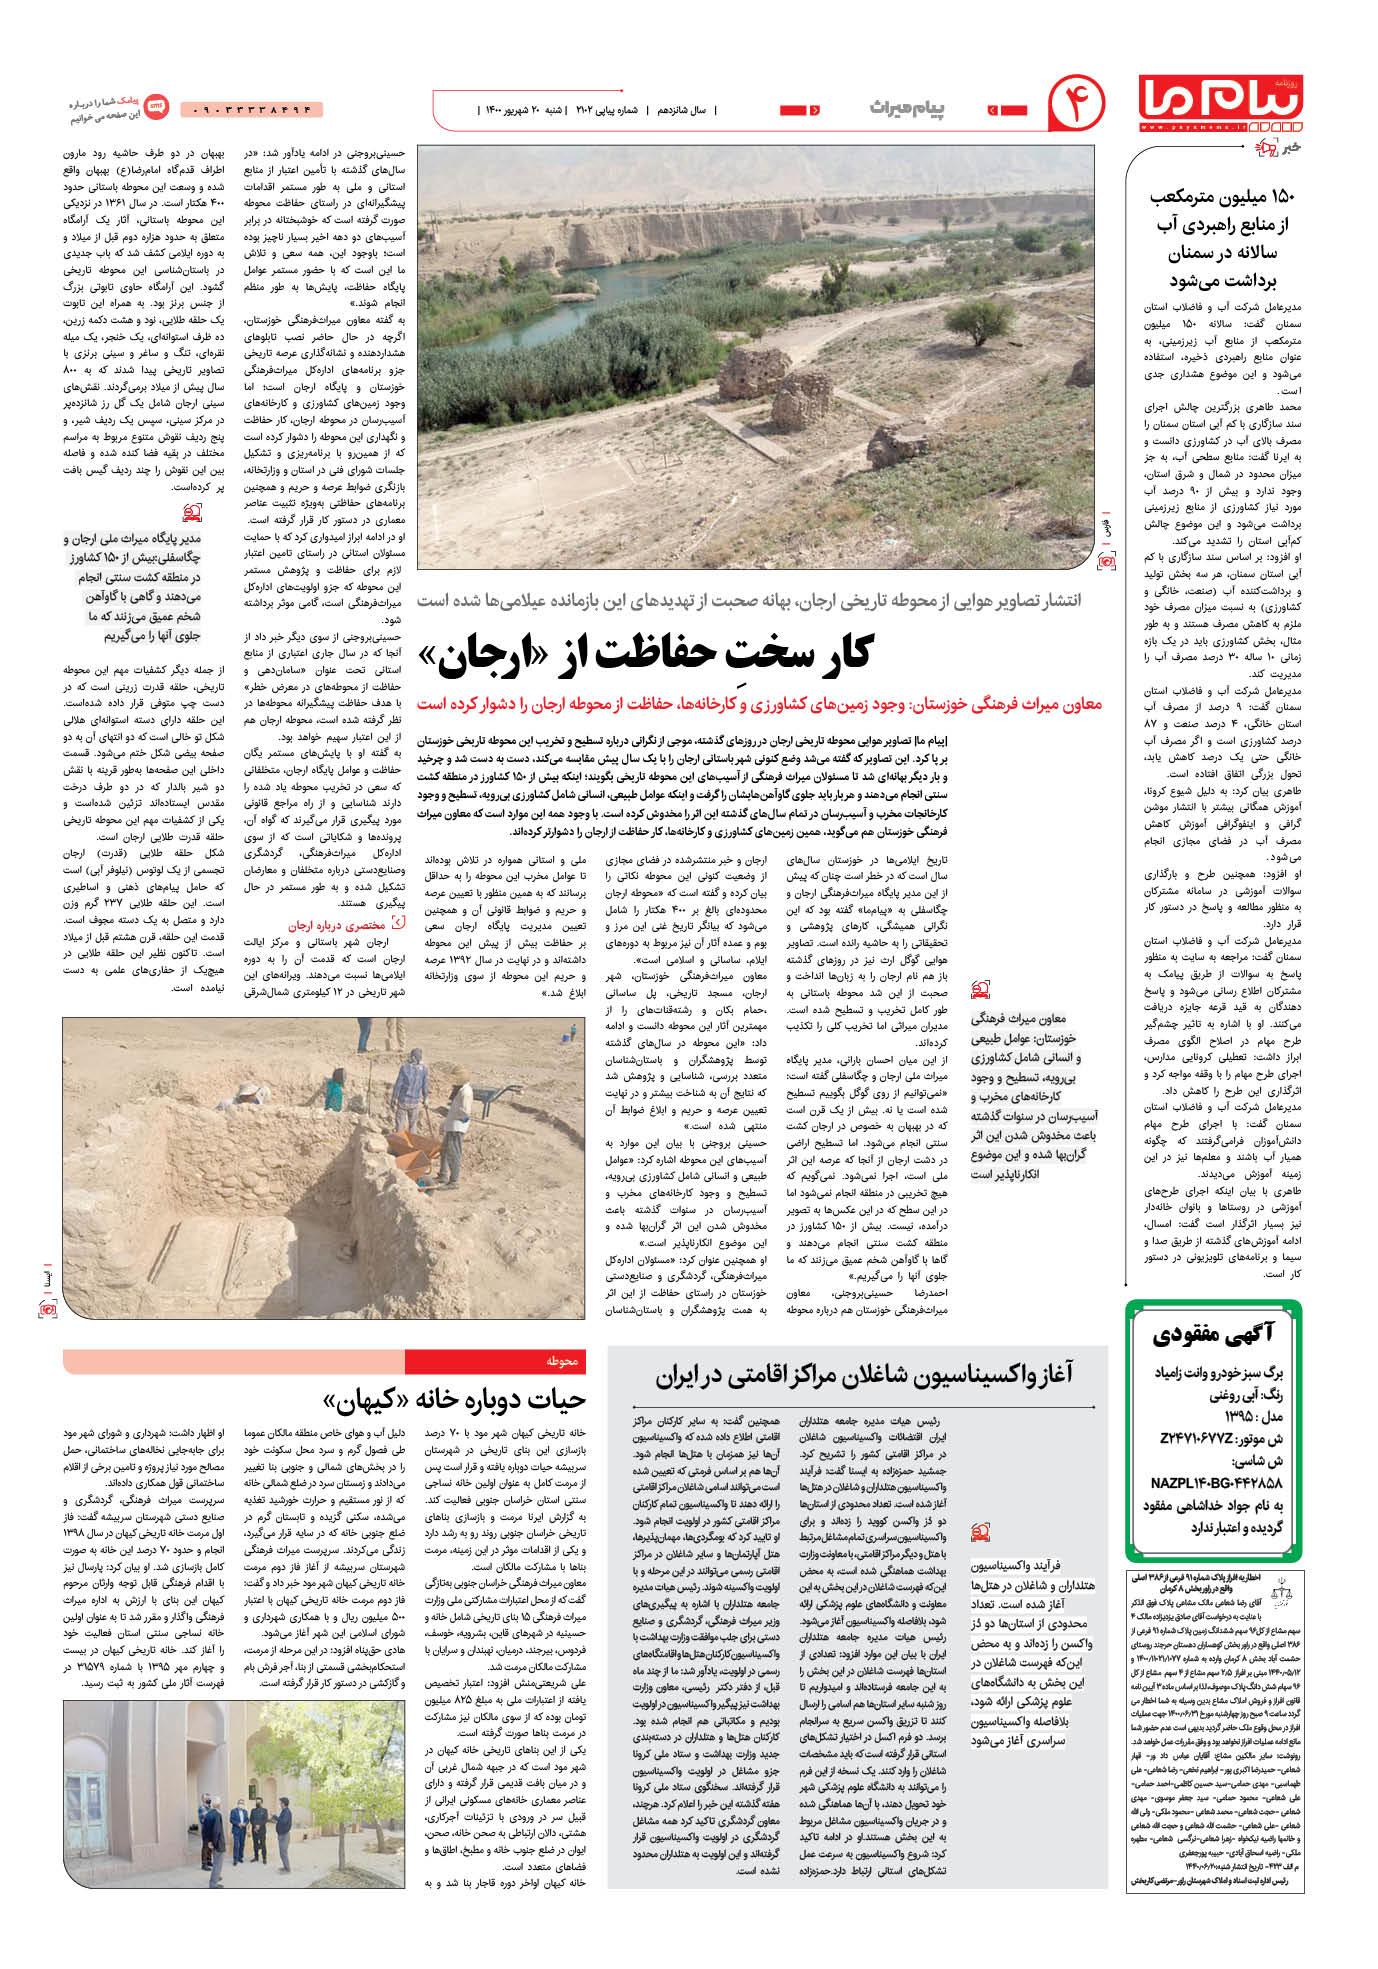 صفحه پیام میراث شماره 2102 روزنامه پیام ما